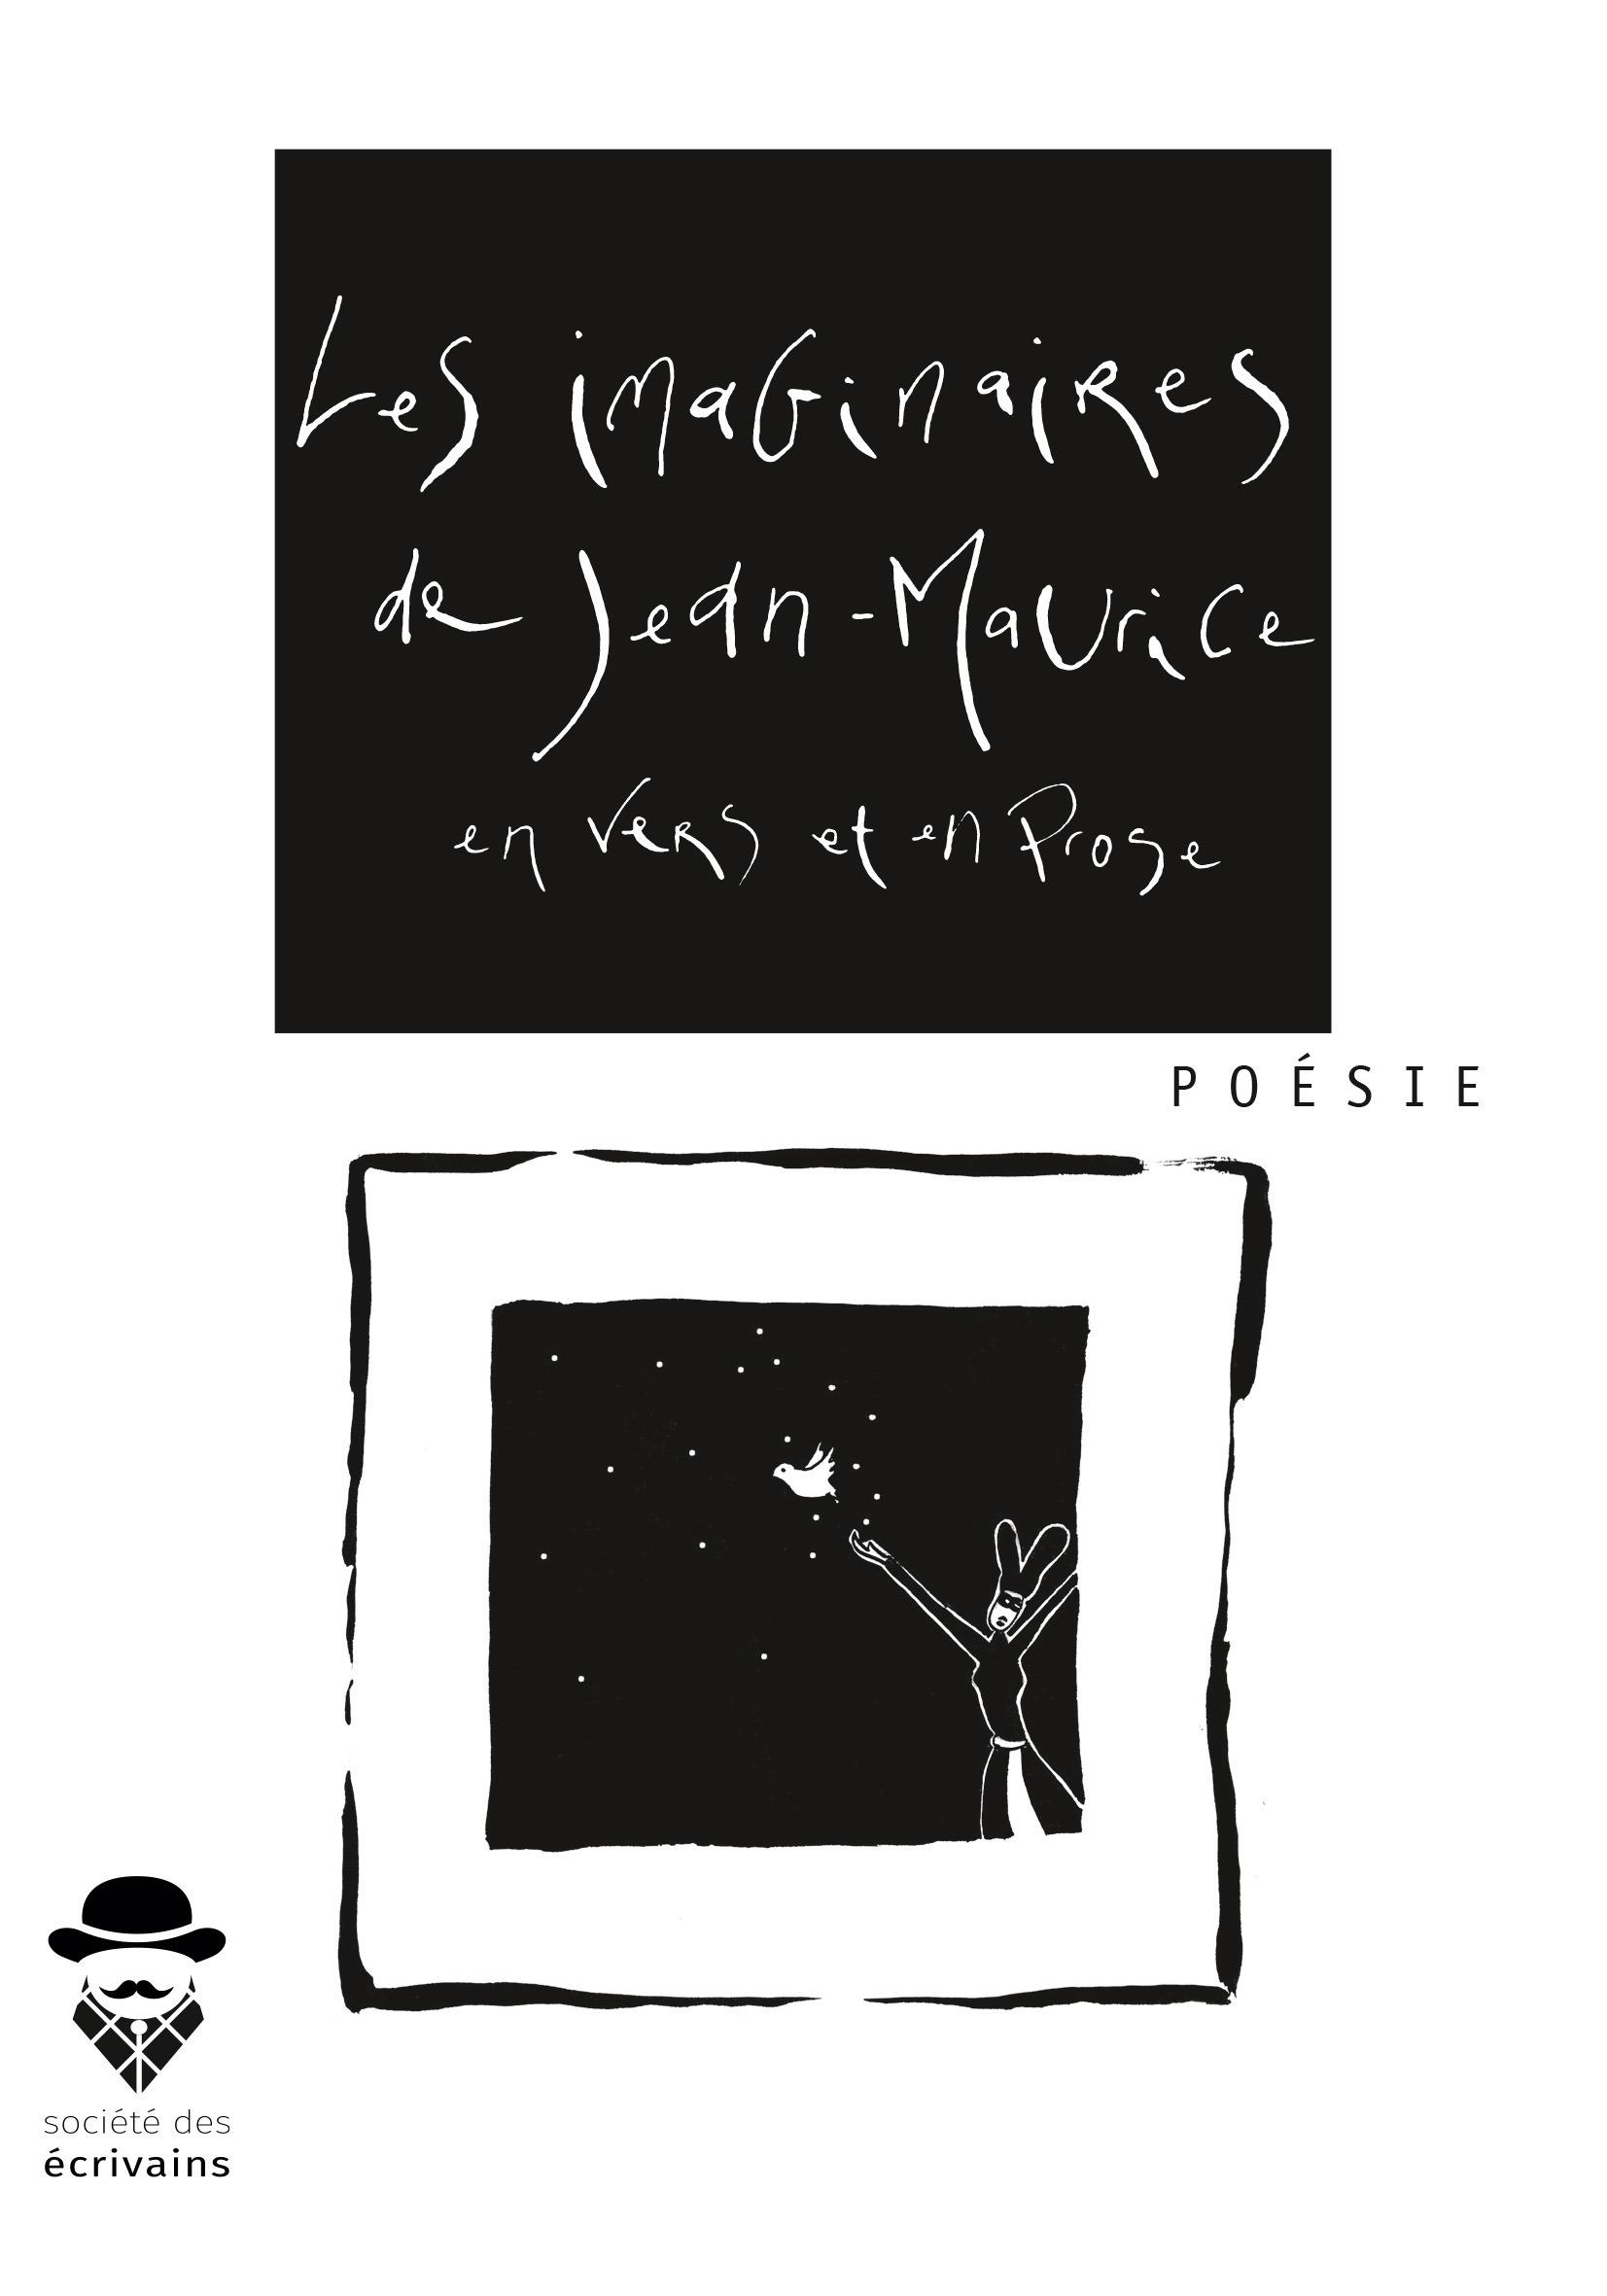 les imaginaires de Jean-Maurice